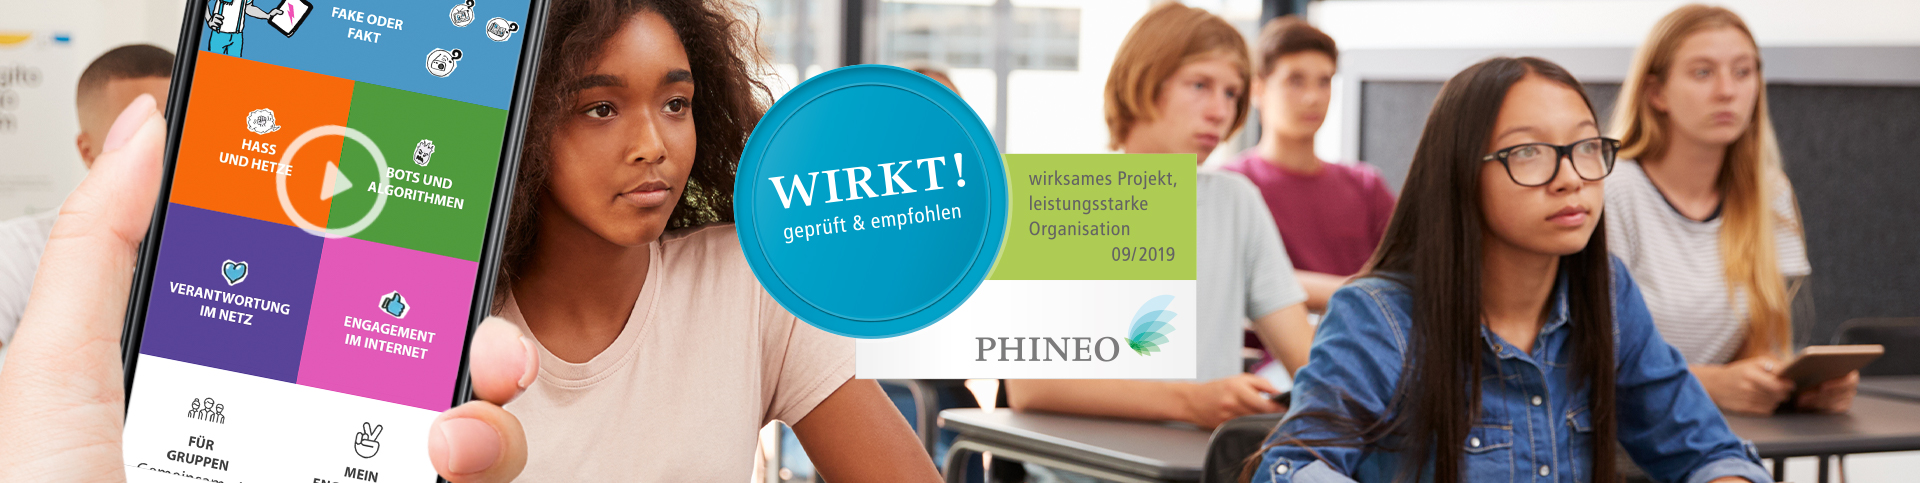 PHINEO-Wirkt-Siegel für die App Streitkultur 3.0